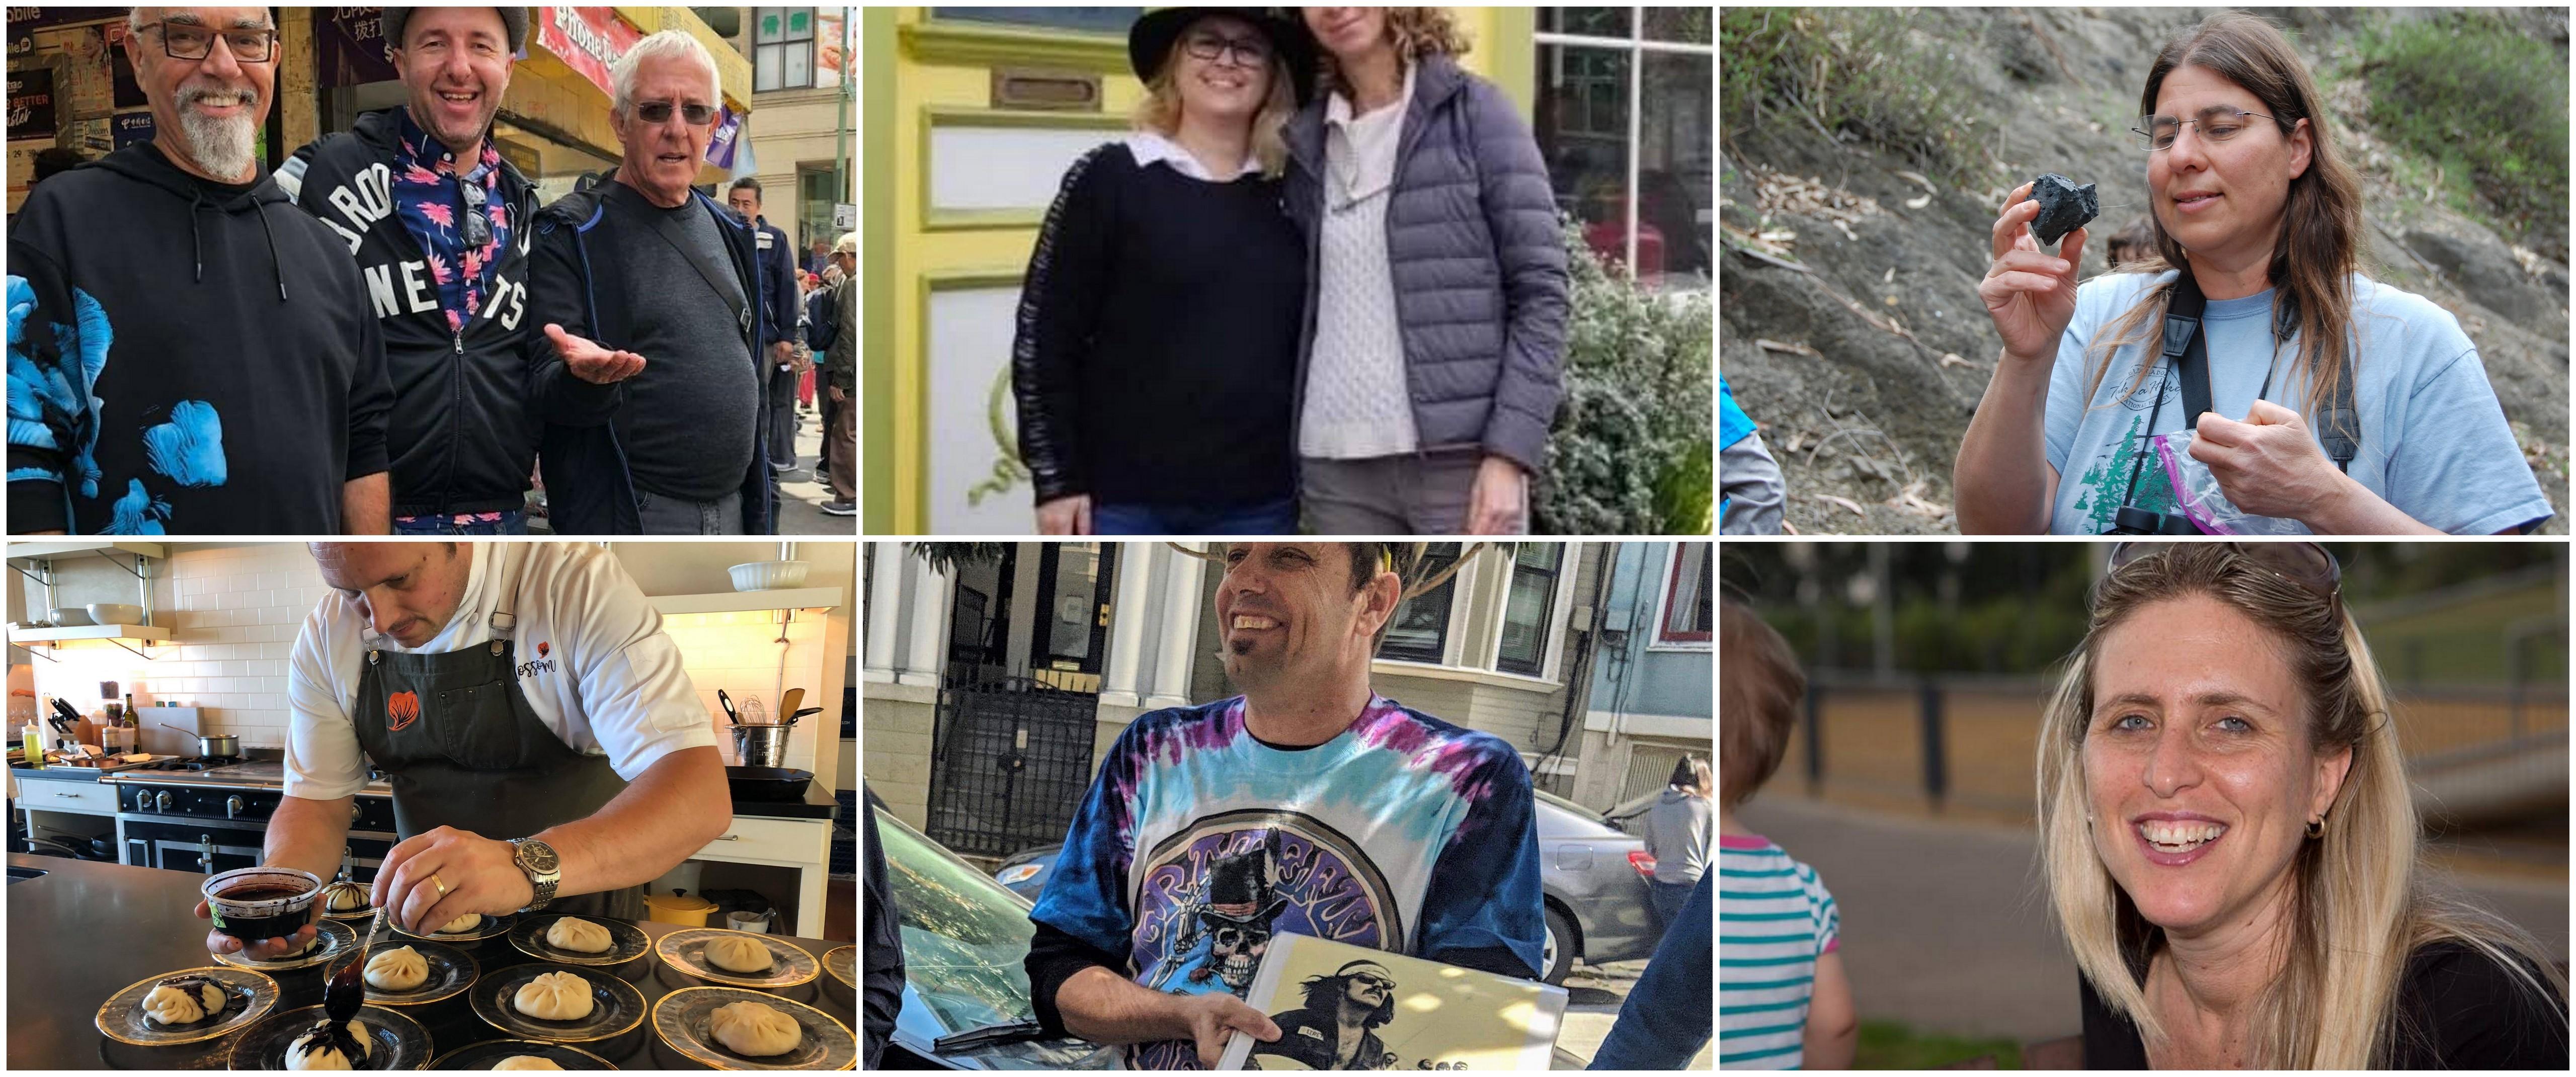 סיורים מודרכים בעברית בסן פרנסיסקו והסביבה